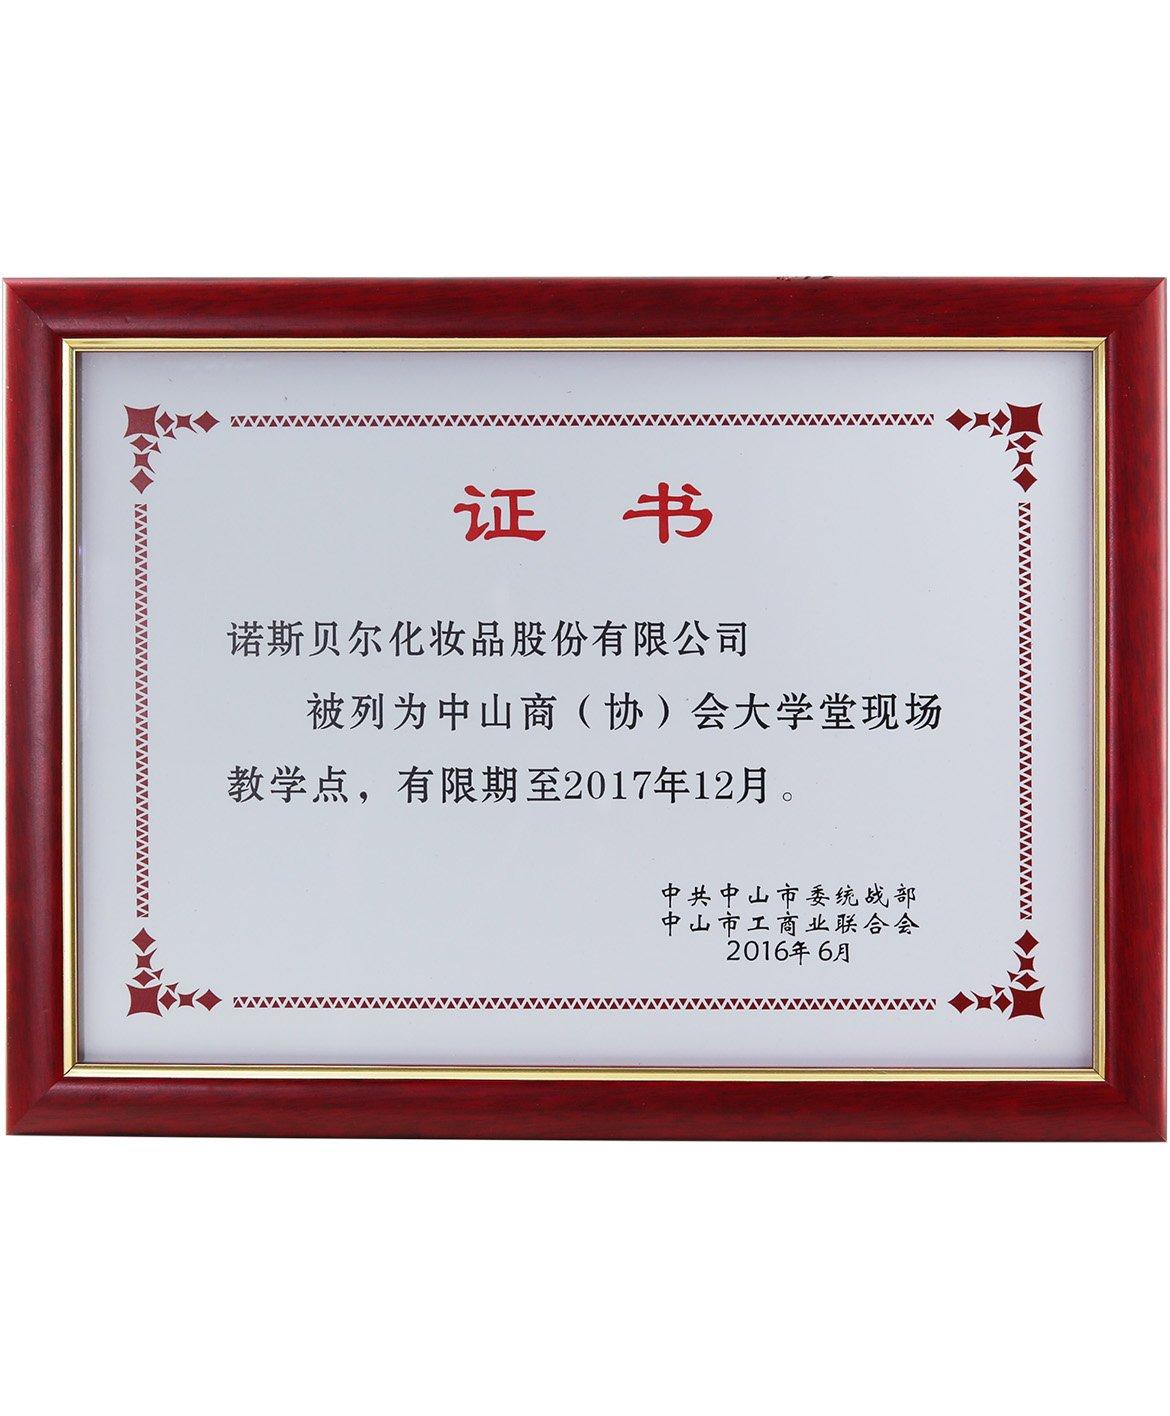 中山商(协)会大学堂现场教学点证书